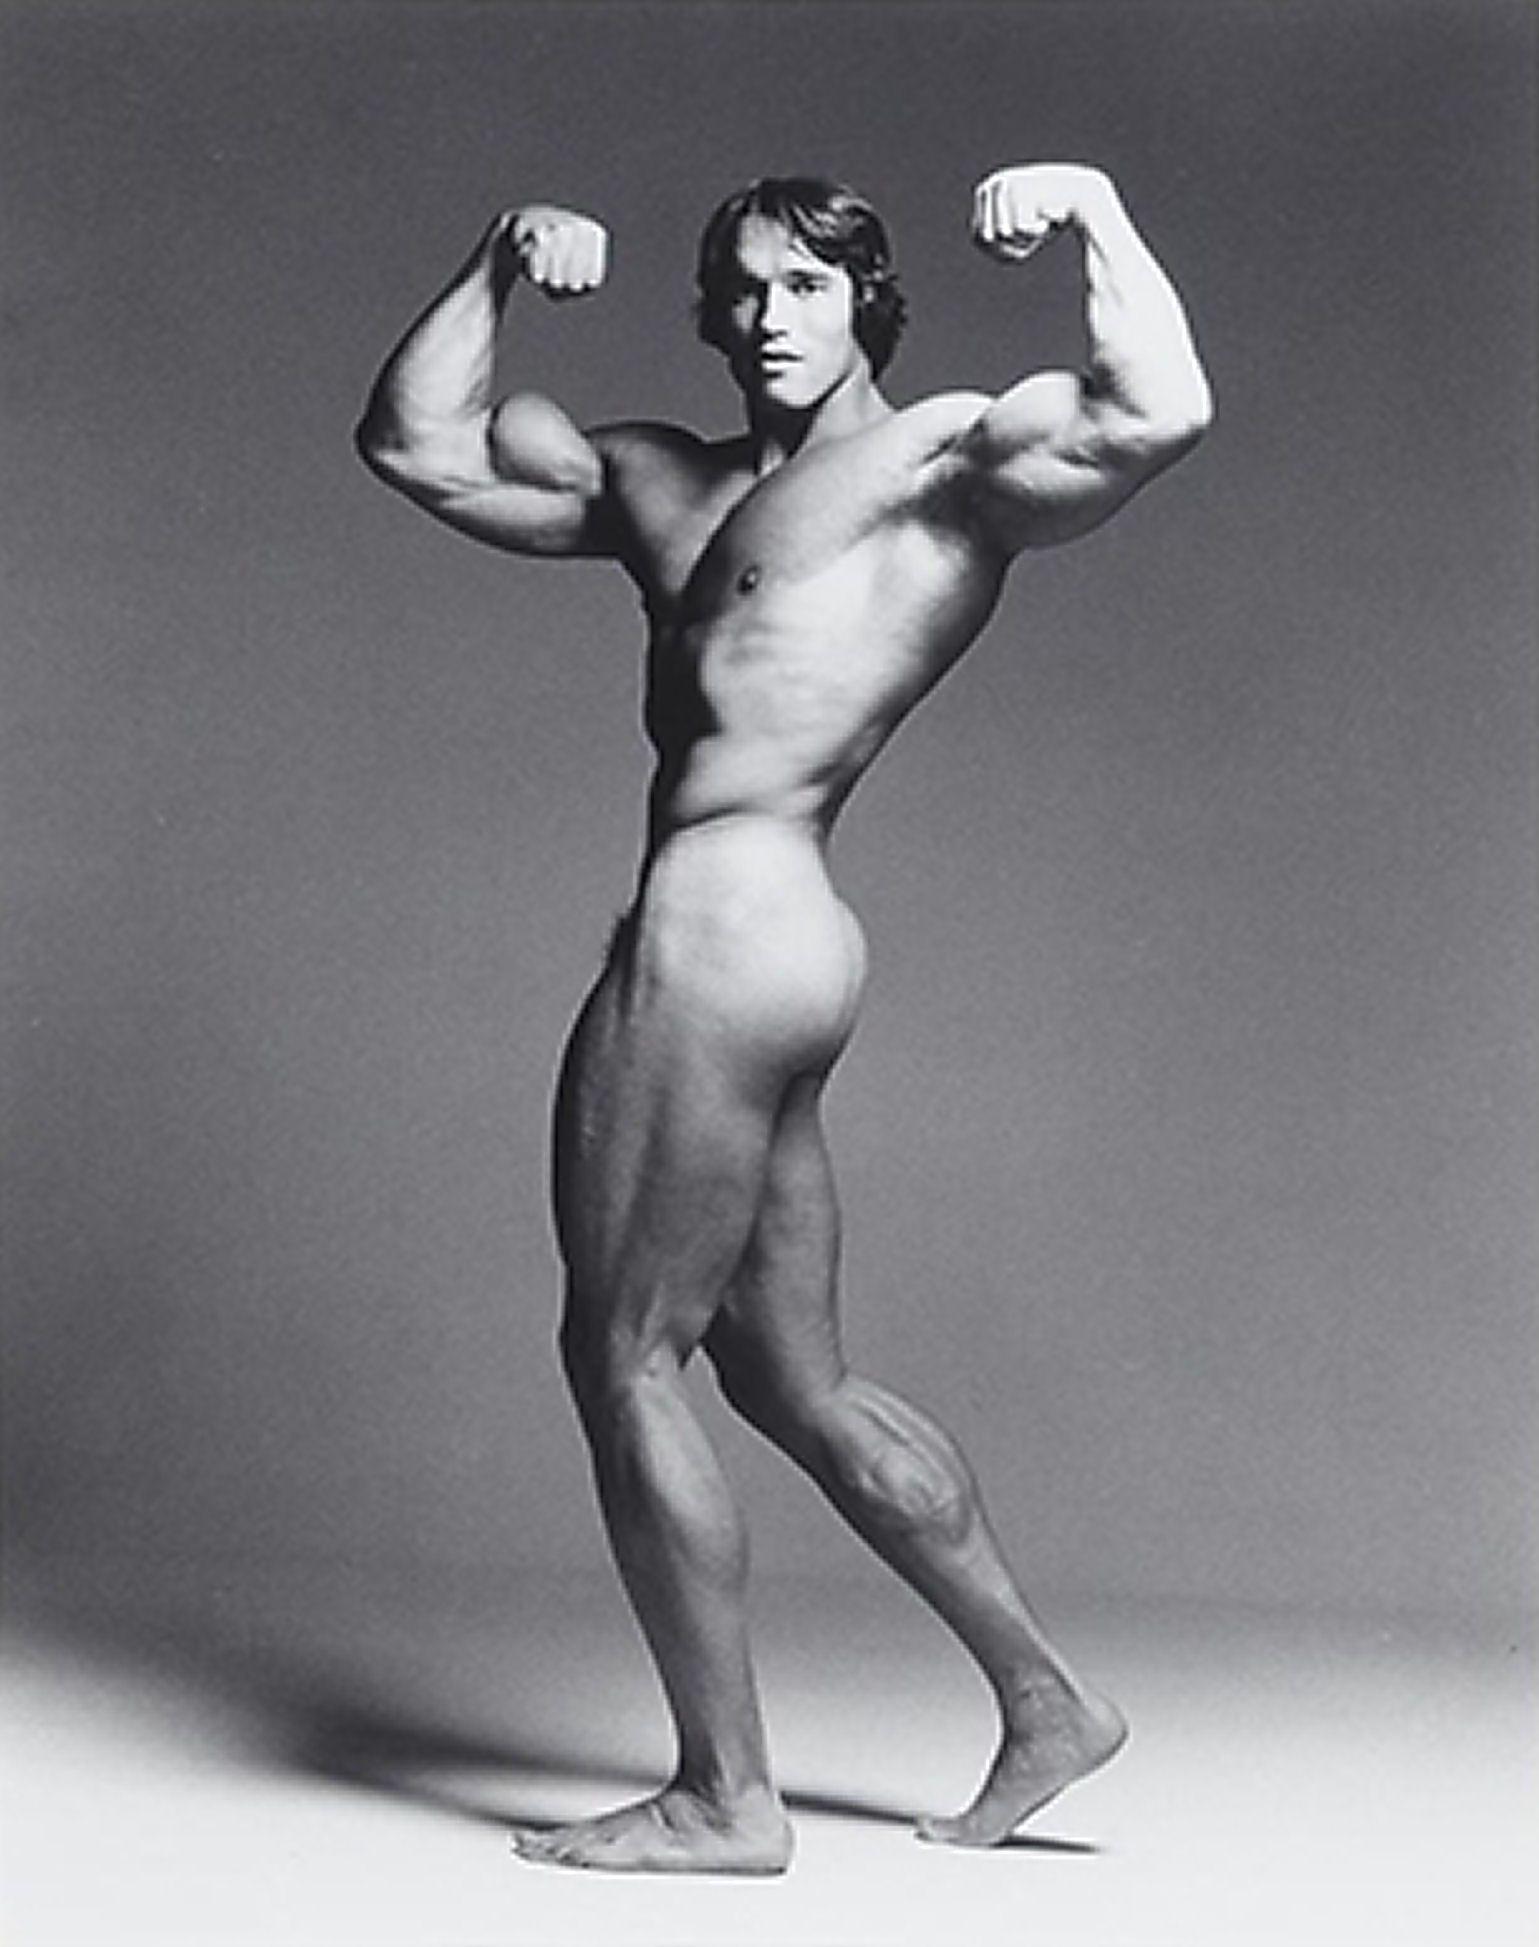 Arnold schwarzenegger naked in bed, free naked sling bikini galleries